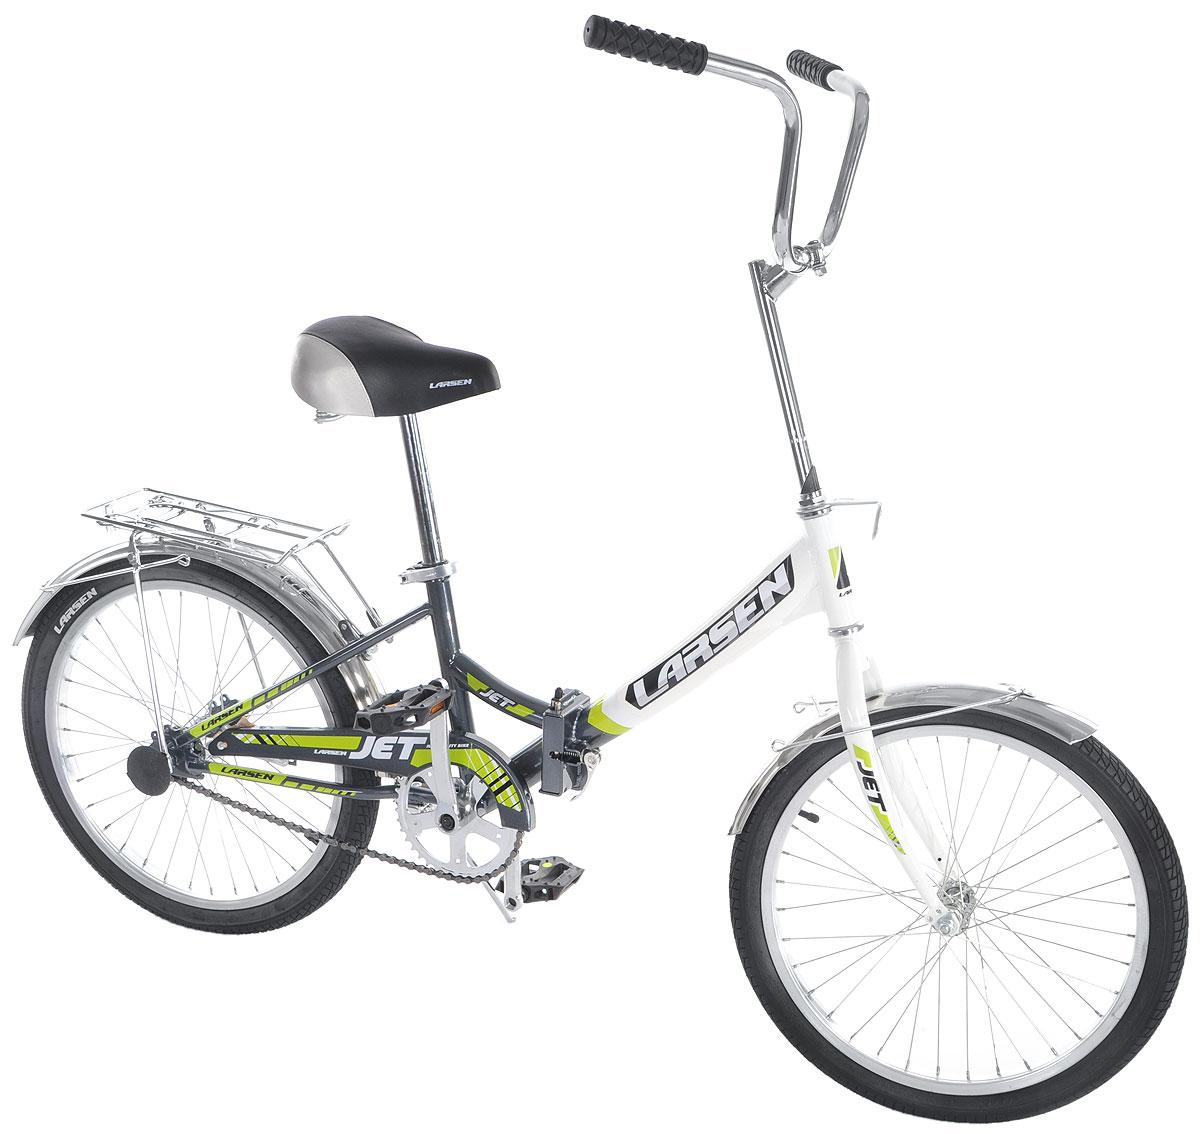 Велосипед Larsen Jet 20, цвет: белый, серыйMW-1462-01-SR серебристыйВелосипед Larsen Jet 20 - это складной подростковый велосипед, который станет прекрасным подарком для вашего ребенка. Велосипед идеально справится со своим прямым предназначением - катанием по асфальтированным и грунтовым дорогам. Модель прекрасно сконструирована: современный яркий дизайн, безопасность, удобная форма рамы - вот ее главные преимущества. Благодаря полноценной защите цепи, исключены попадание в цепь одежды и малейшая возможность случайно поцарапаться. У данной модели качественная, прочная, легкая и удобная рама из стали с жесткой вилкой, которая менее подвержена механическим повреждениям и коррозии в сырую погоду. Конструкция рамы - складная, это позволит компактно перевозить велосипед и хранить его в квартире. Мягкое подпружиненное седло велосипеда и руль регулируются по высоте, что придает комфорт, делая прогулки по городу более удобными. Колесадиаметром 20 дюймов с покрышками Wanda и алюминиевыми ободами обладают хорошей маневренностью, ускорением и накатом. Ножной педальный тормоз отличается предельной простотой в использовании и надежностью. Чтобы привести его в действие, нужно вращать педали в обратную сторону. Велосипед оснащен полноразмерными крыльями, которые спасают от грязи, что делает его еще более практичным. Приятным и полезным дополнением служат подножка и багажник. Подростковый велосипед Larsen Jet 20 послужит идеальным спутником для отважных велосипедистов, предпочитающих активный образ жизни.Количество скоростей: 1 шт.Размер колес: 20 дюймов. Резина: Wanda p1079.Втулка передняя: fr-03 сталь.Втулка задняя: cf-e10 сталь.Тормоза: втулочные, ножные.